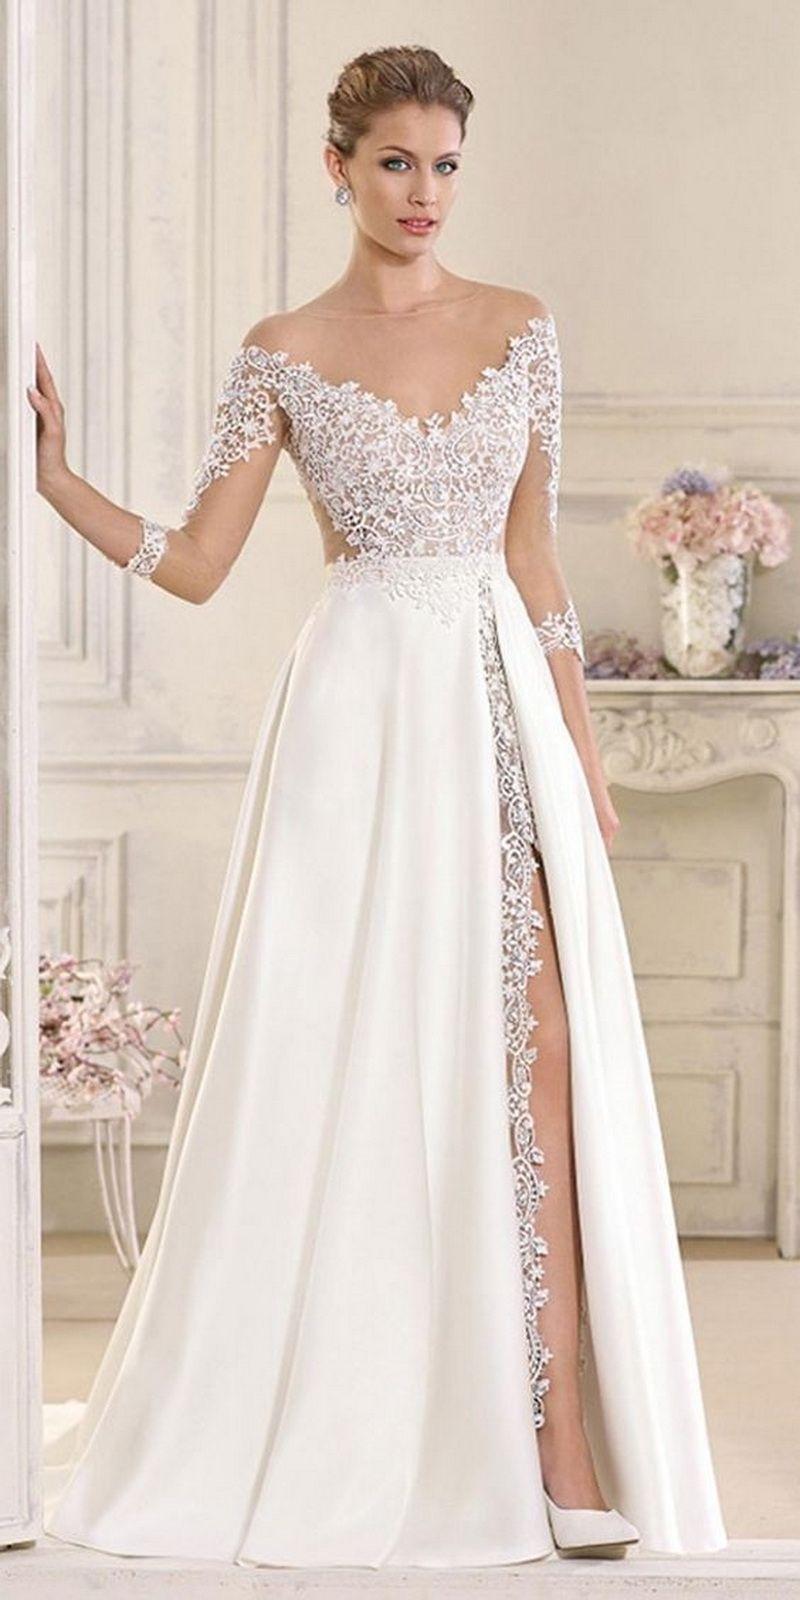 13 wunderschöne Hochzeitskleid Designs, die Sie inspirieren in